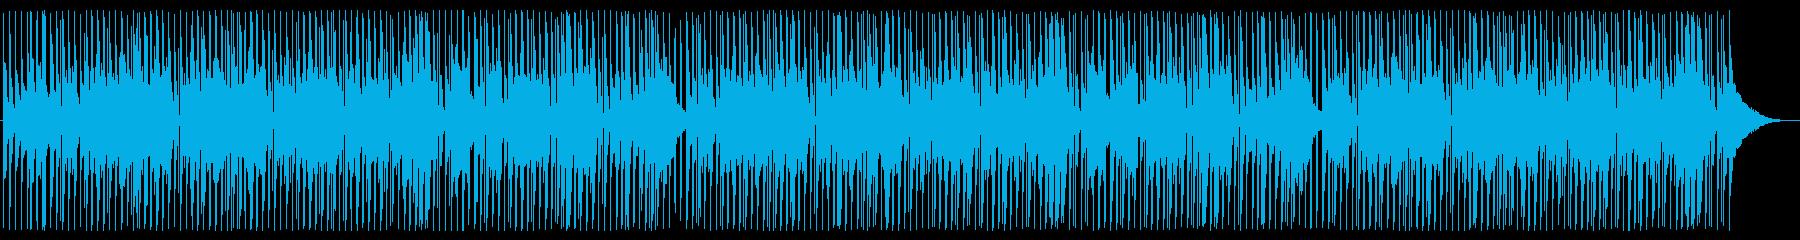 ほのぼのした雰囲気のピアノの再生済みの波形